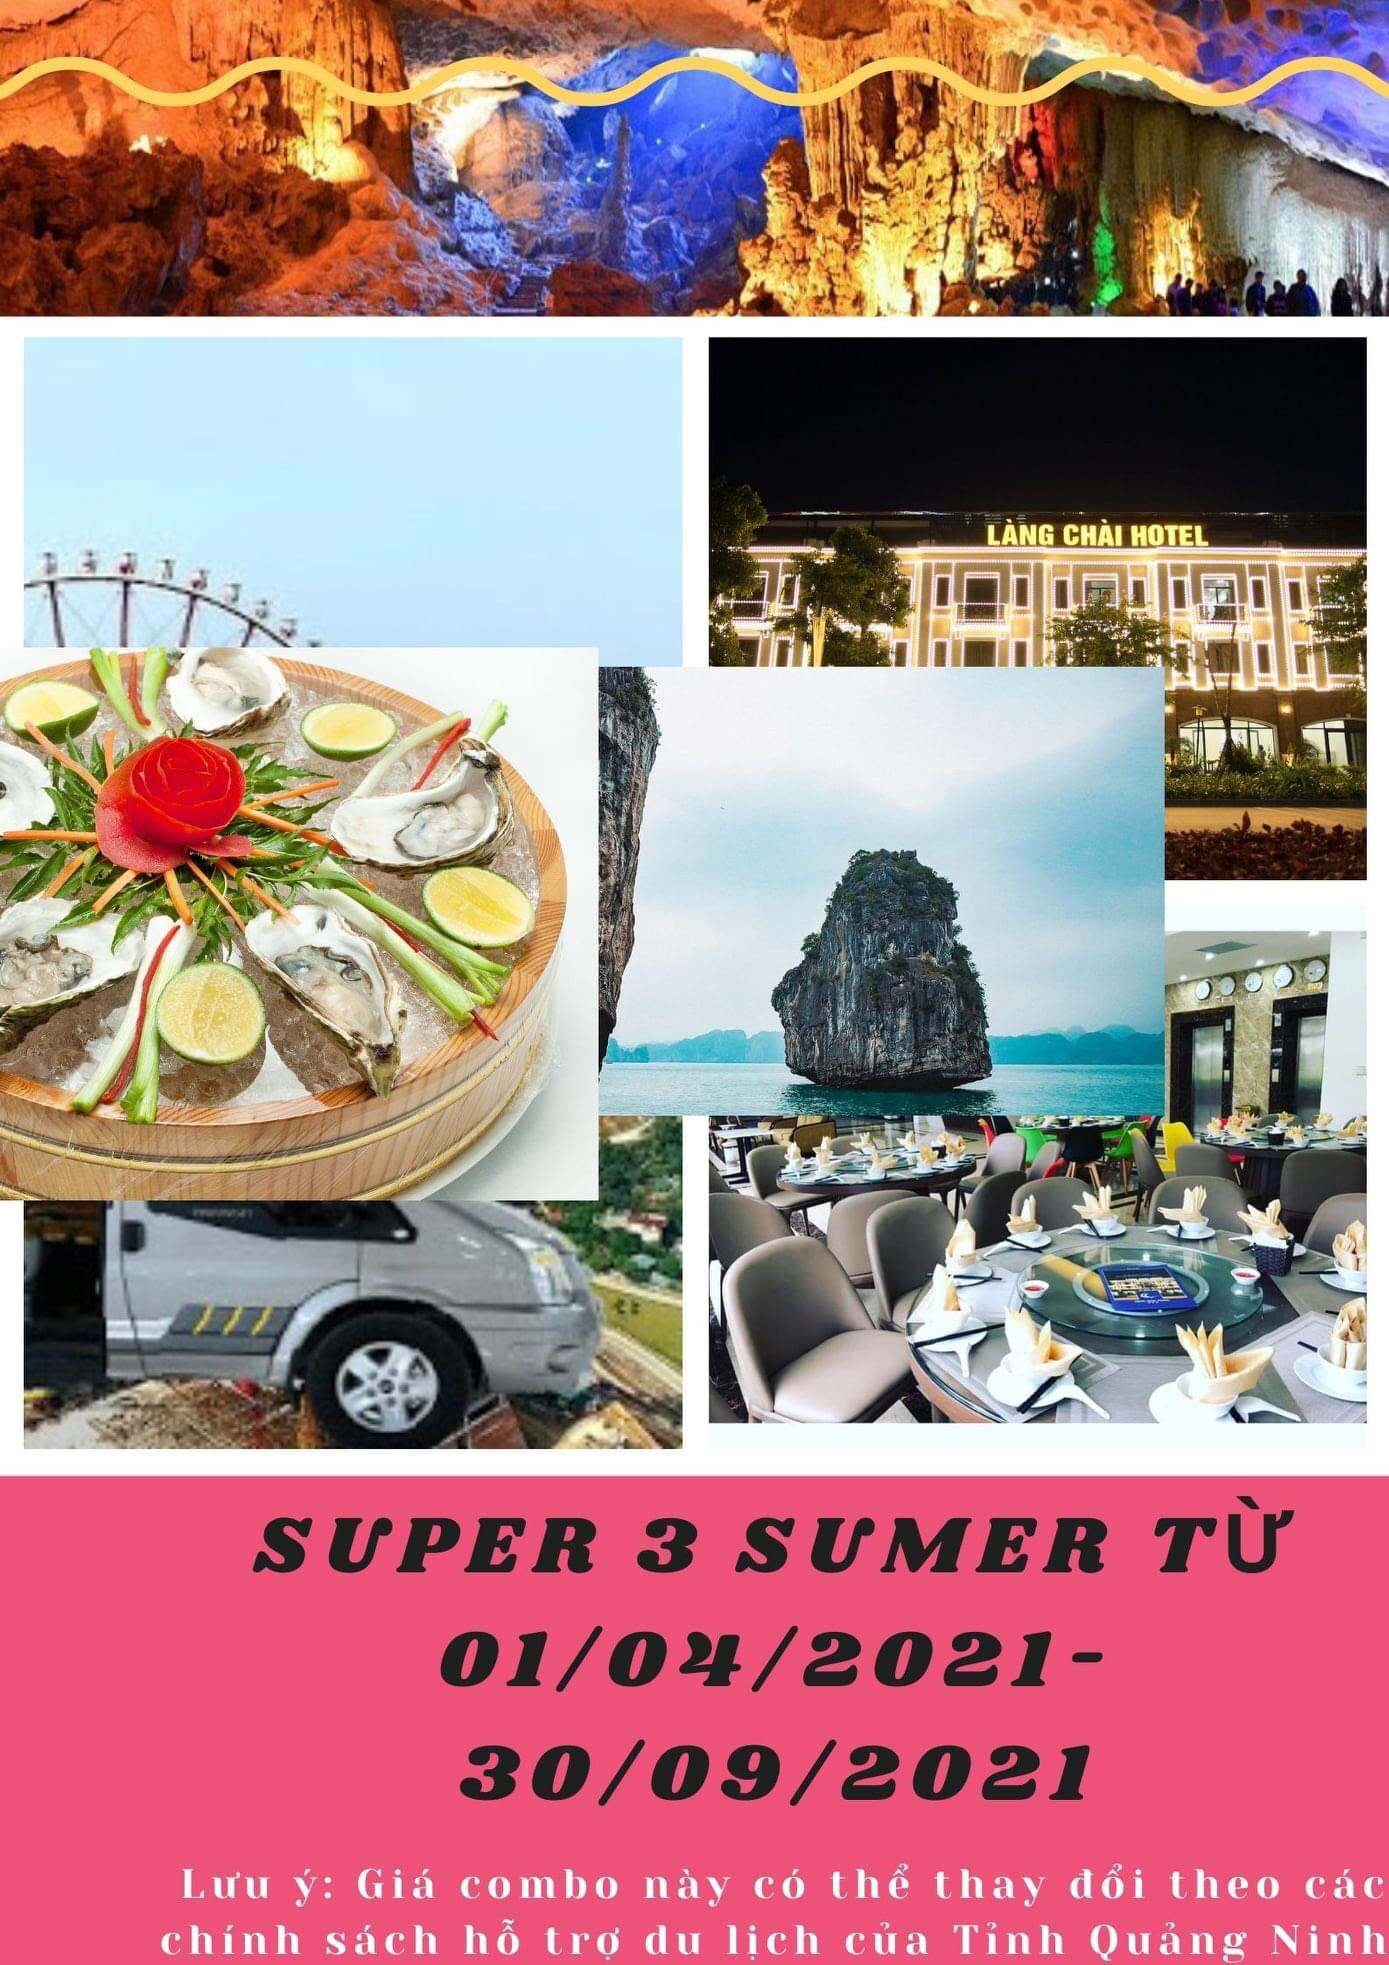 Combo SupperSummer3 (3N2Đ): Nghỉ 3 Ngày 2 Đêm tại khách sạn + 1 Bữa ăn chính tại khách sạn (trưa hoặc tối) + xe Limousine khứ hồi 2 chiều, giá 1.099k/ khách.